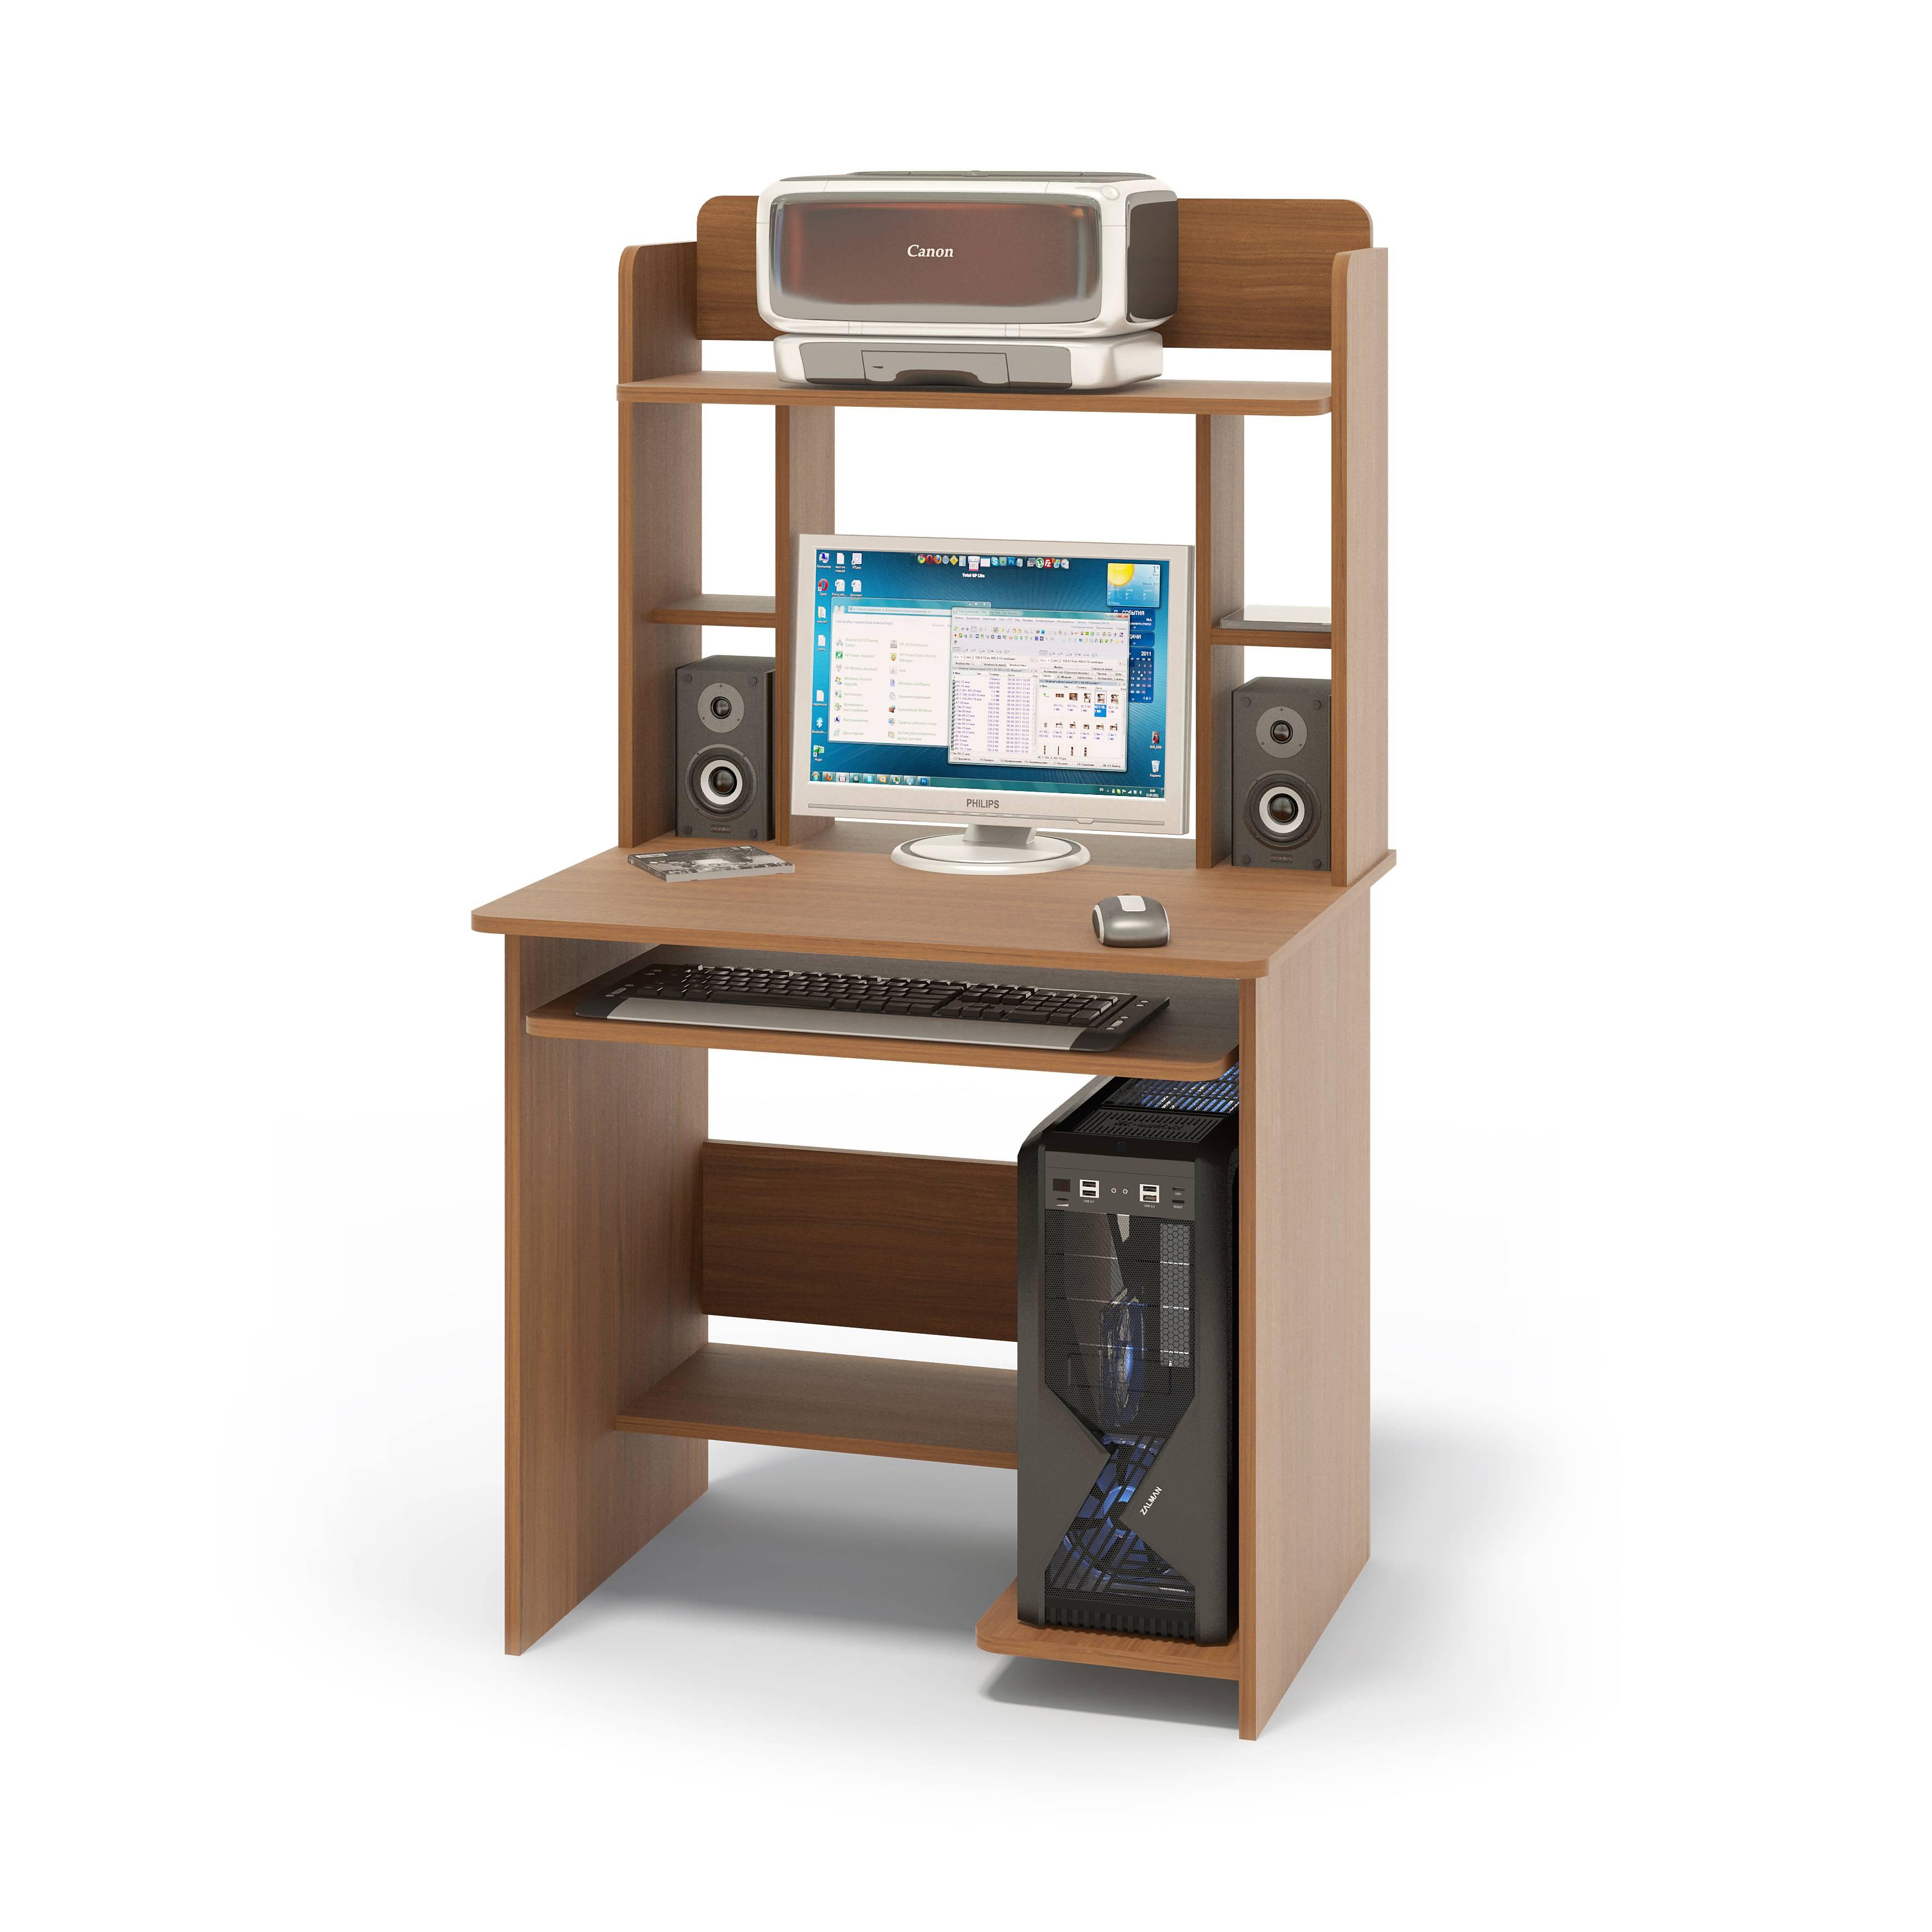 Компьютерный стол сокол (коричневое дерево) купить по цене 4.